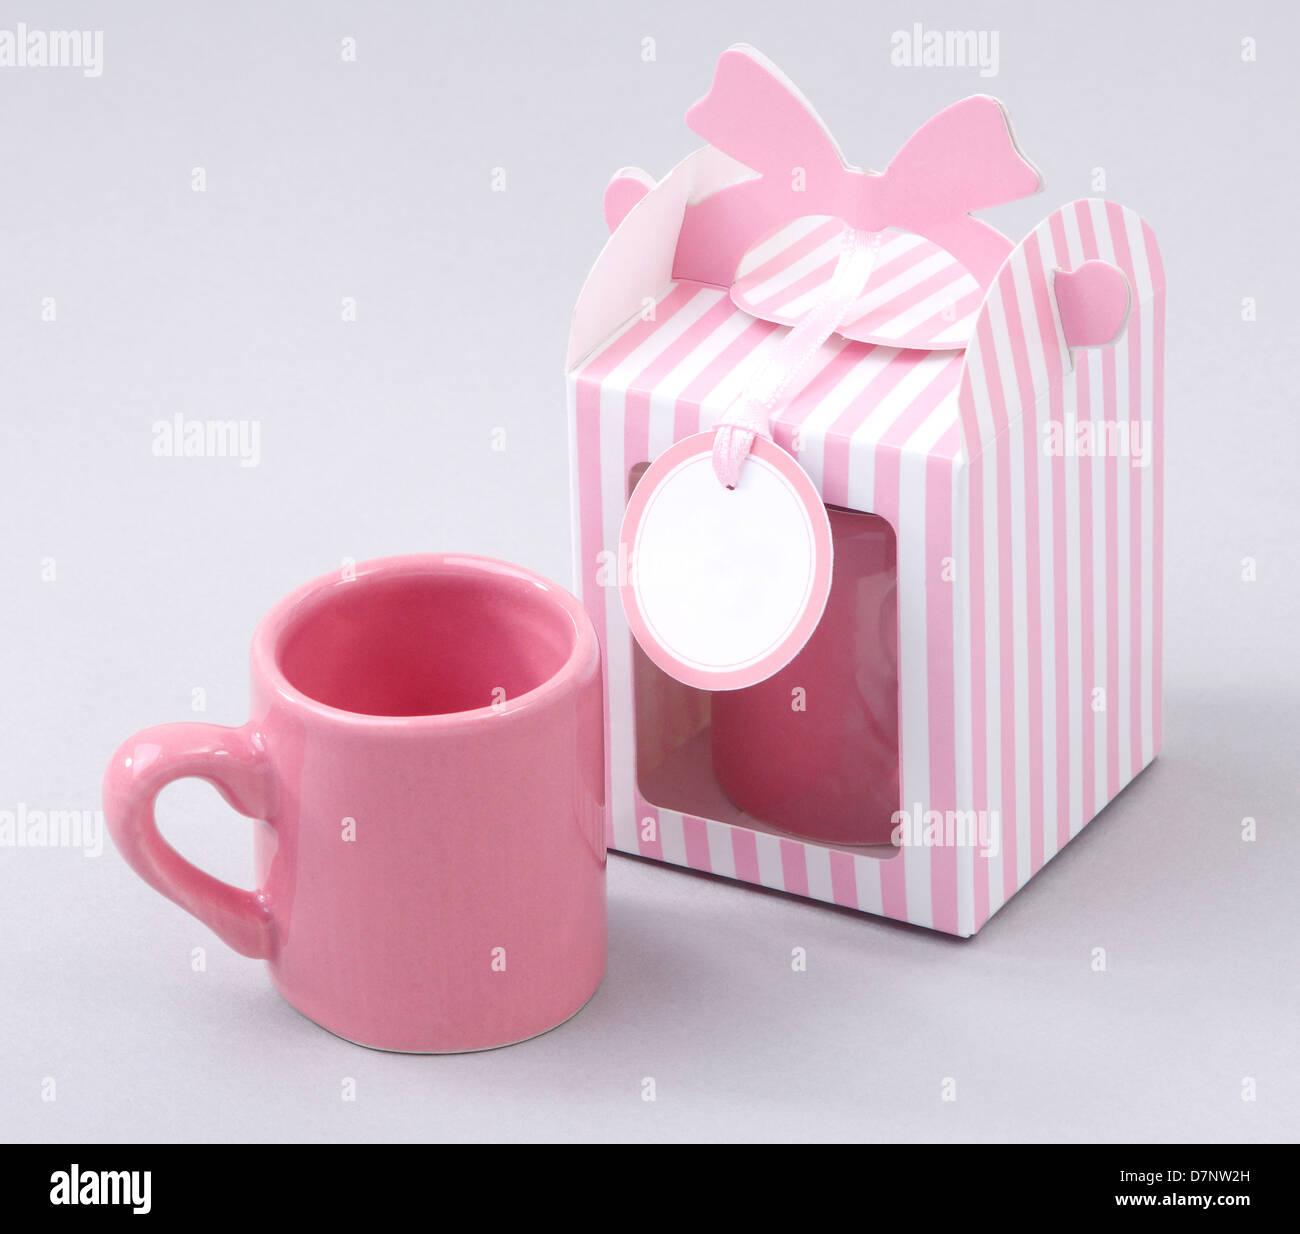 Souvenir Mug Stock Photos & Souvenir Mug Stock Images - Alamy